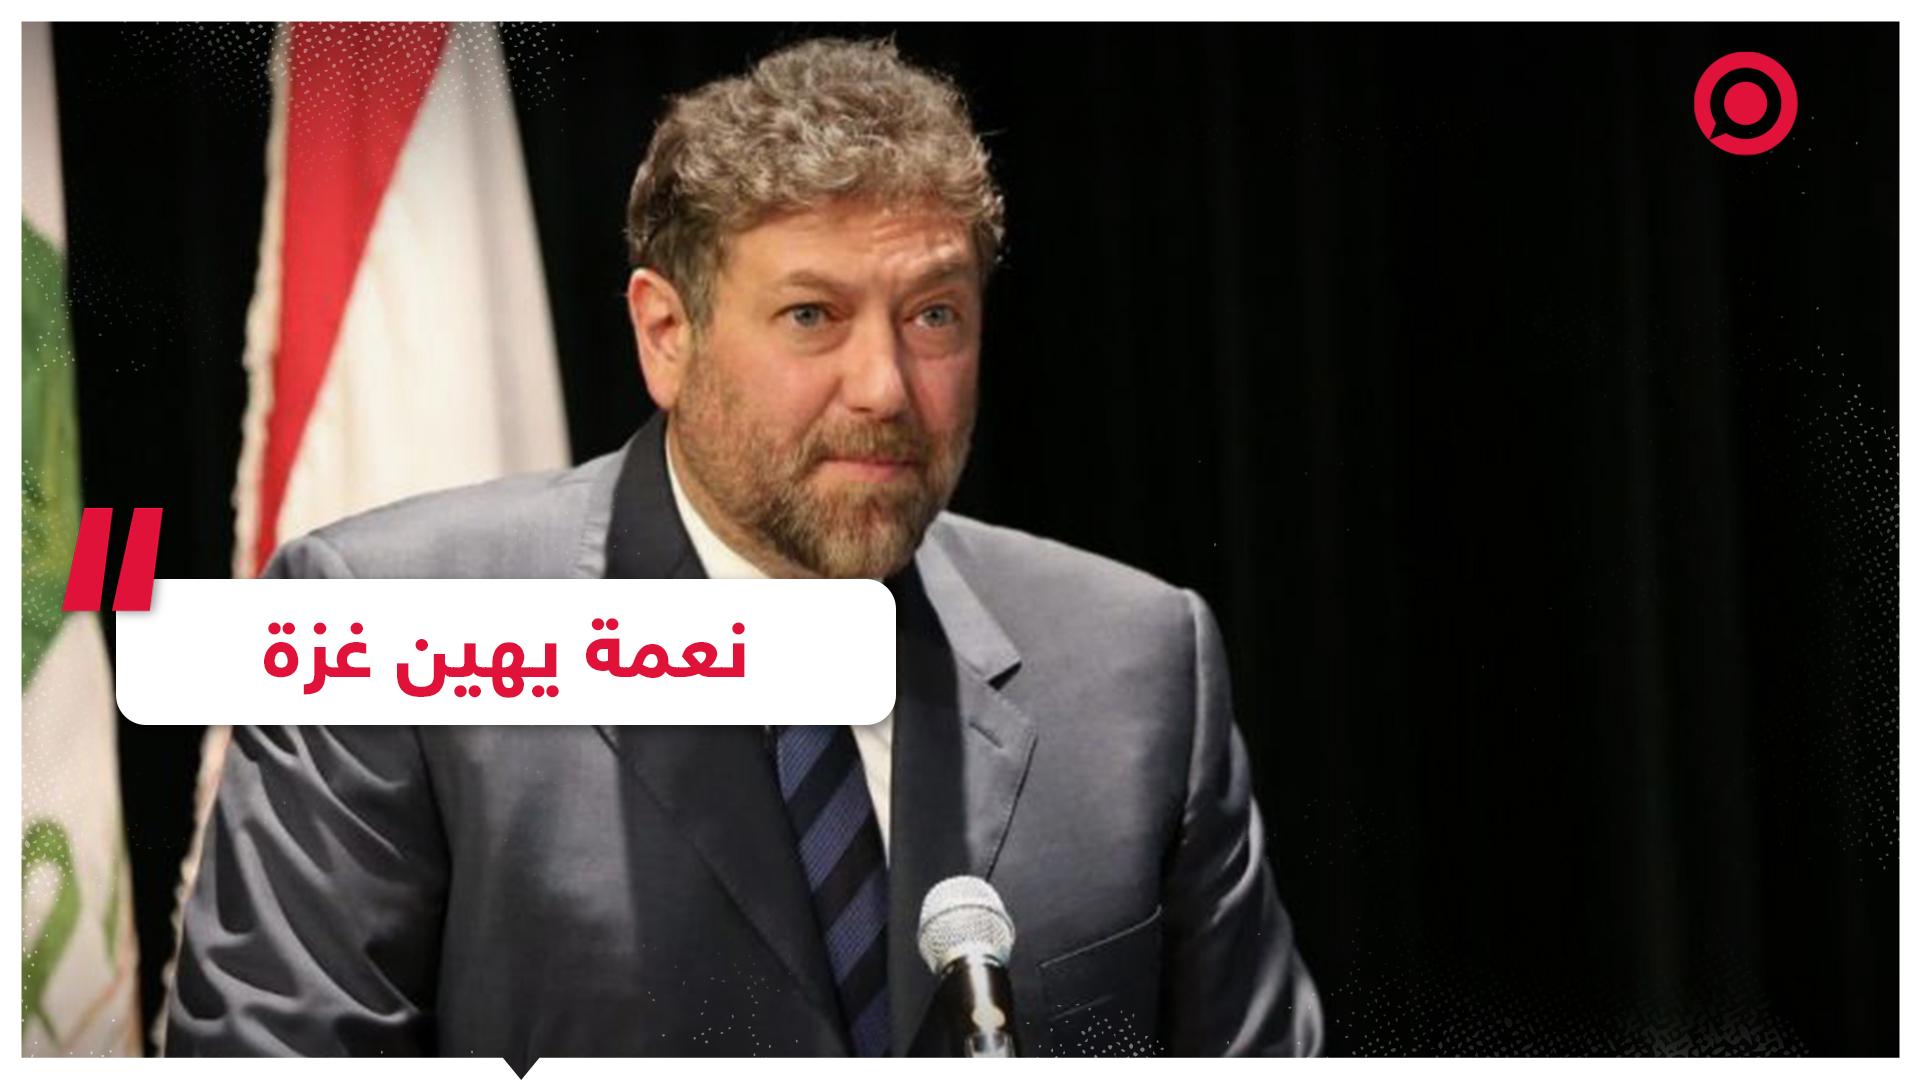 سياسي لبناني يتحدث عن قطاع غزة بطريقة مهينة.. وناشطون يعتبرونه